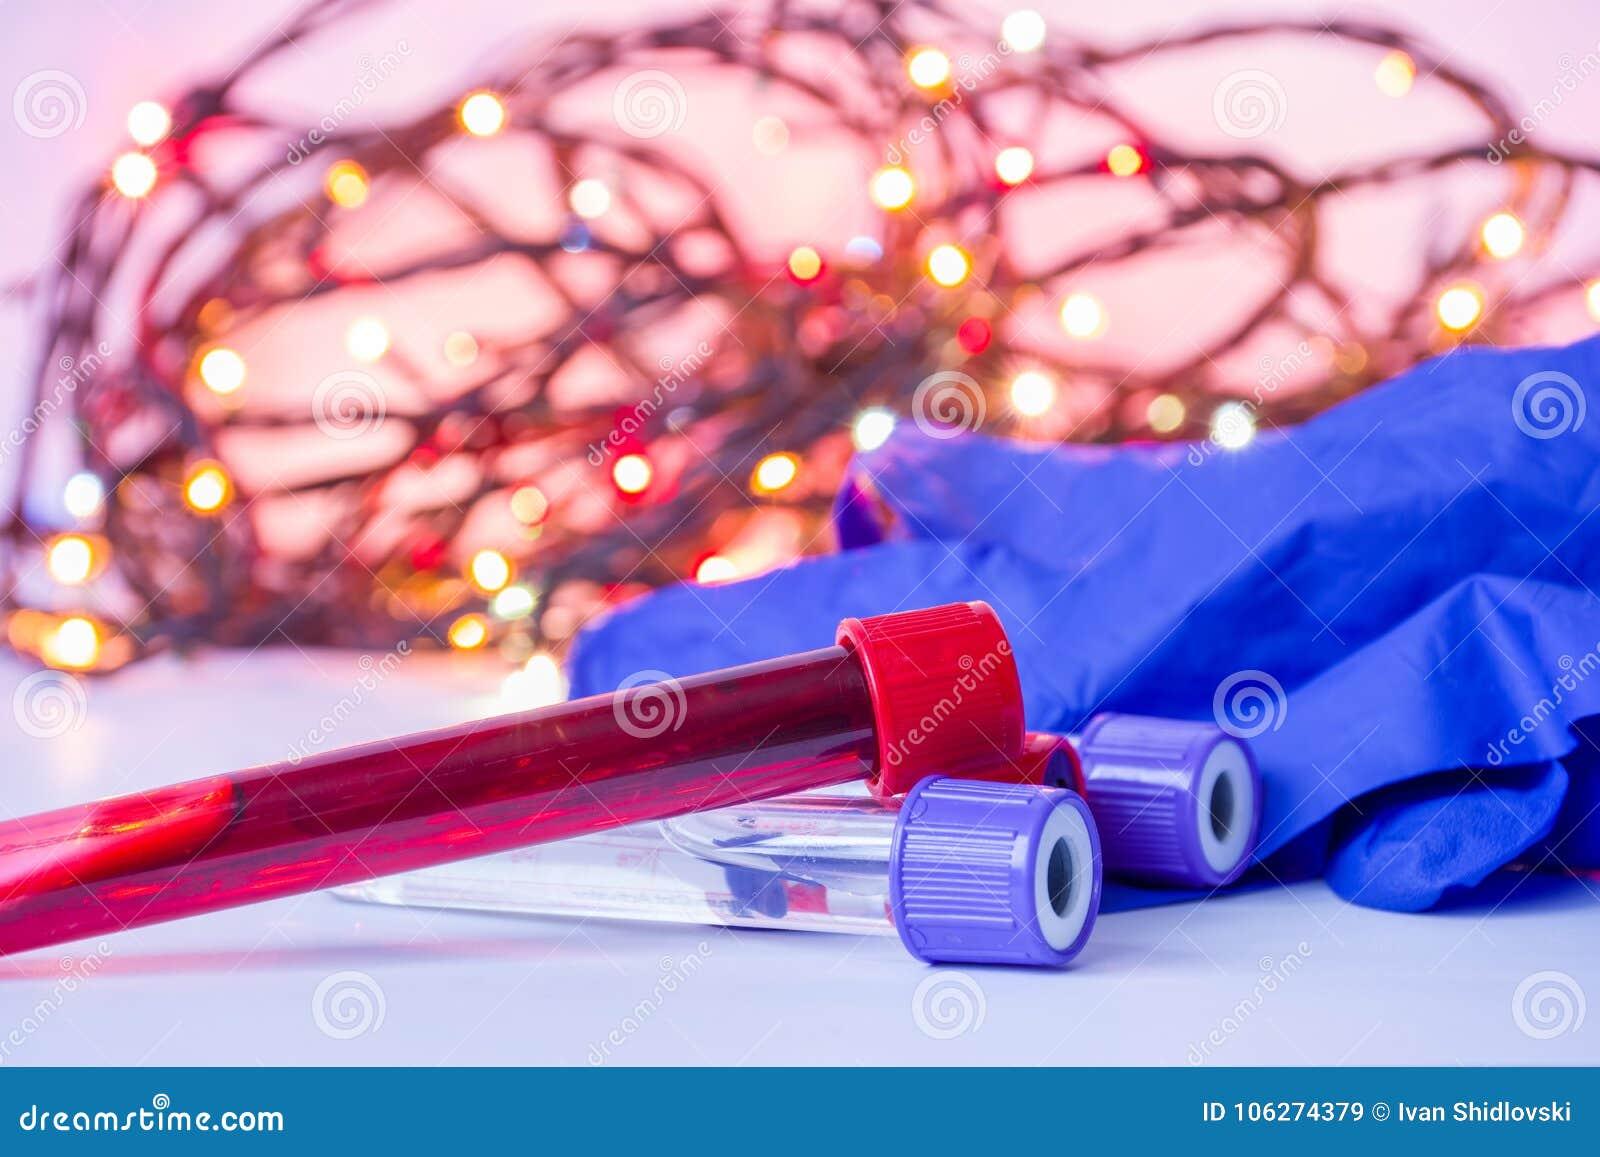 Boże Narodzenia i nowy rok w laboratorium medycznego i nauki Laboranckiego asystenta wyposażenie próbne tubki z krwią wewnątrz i